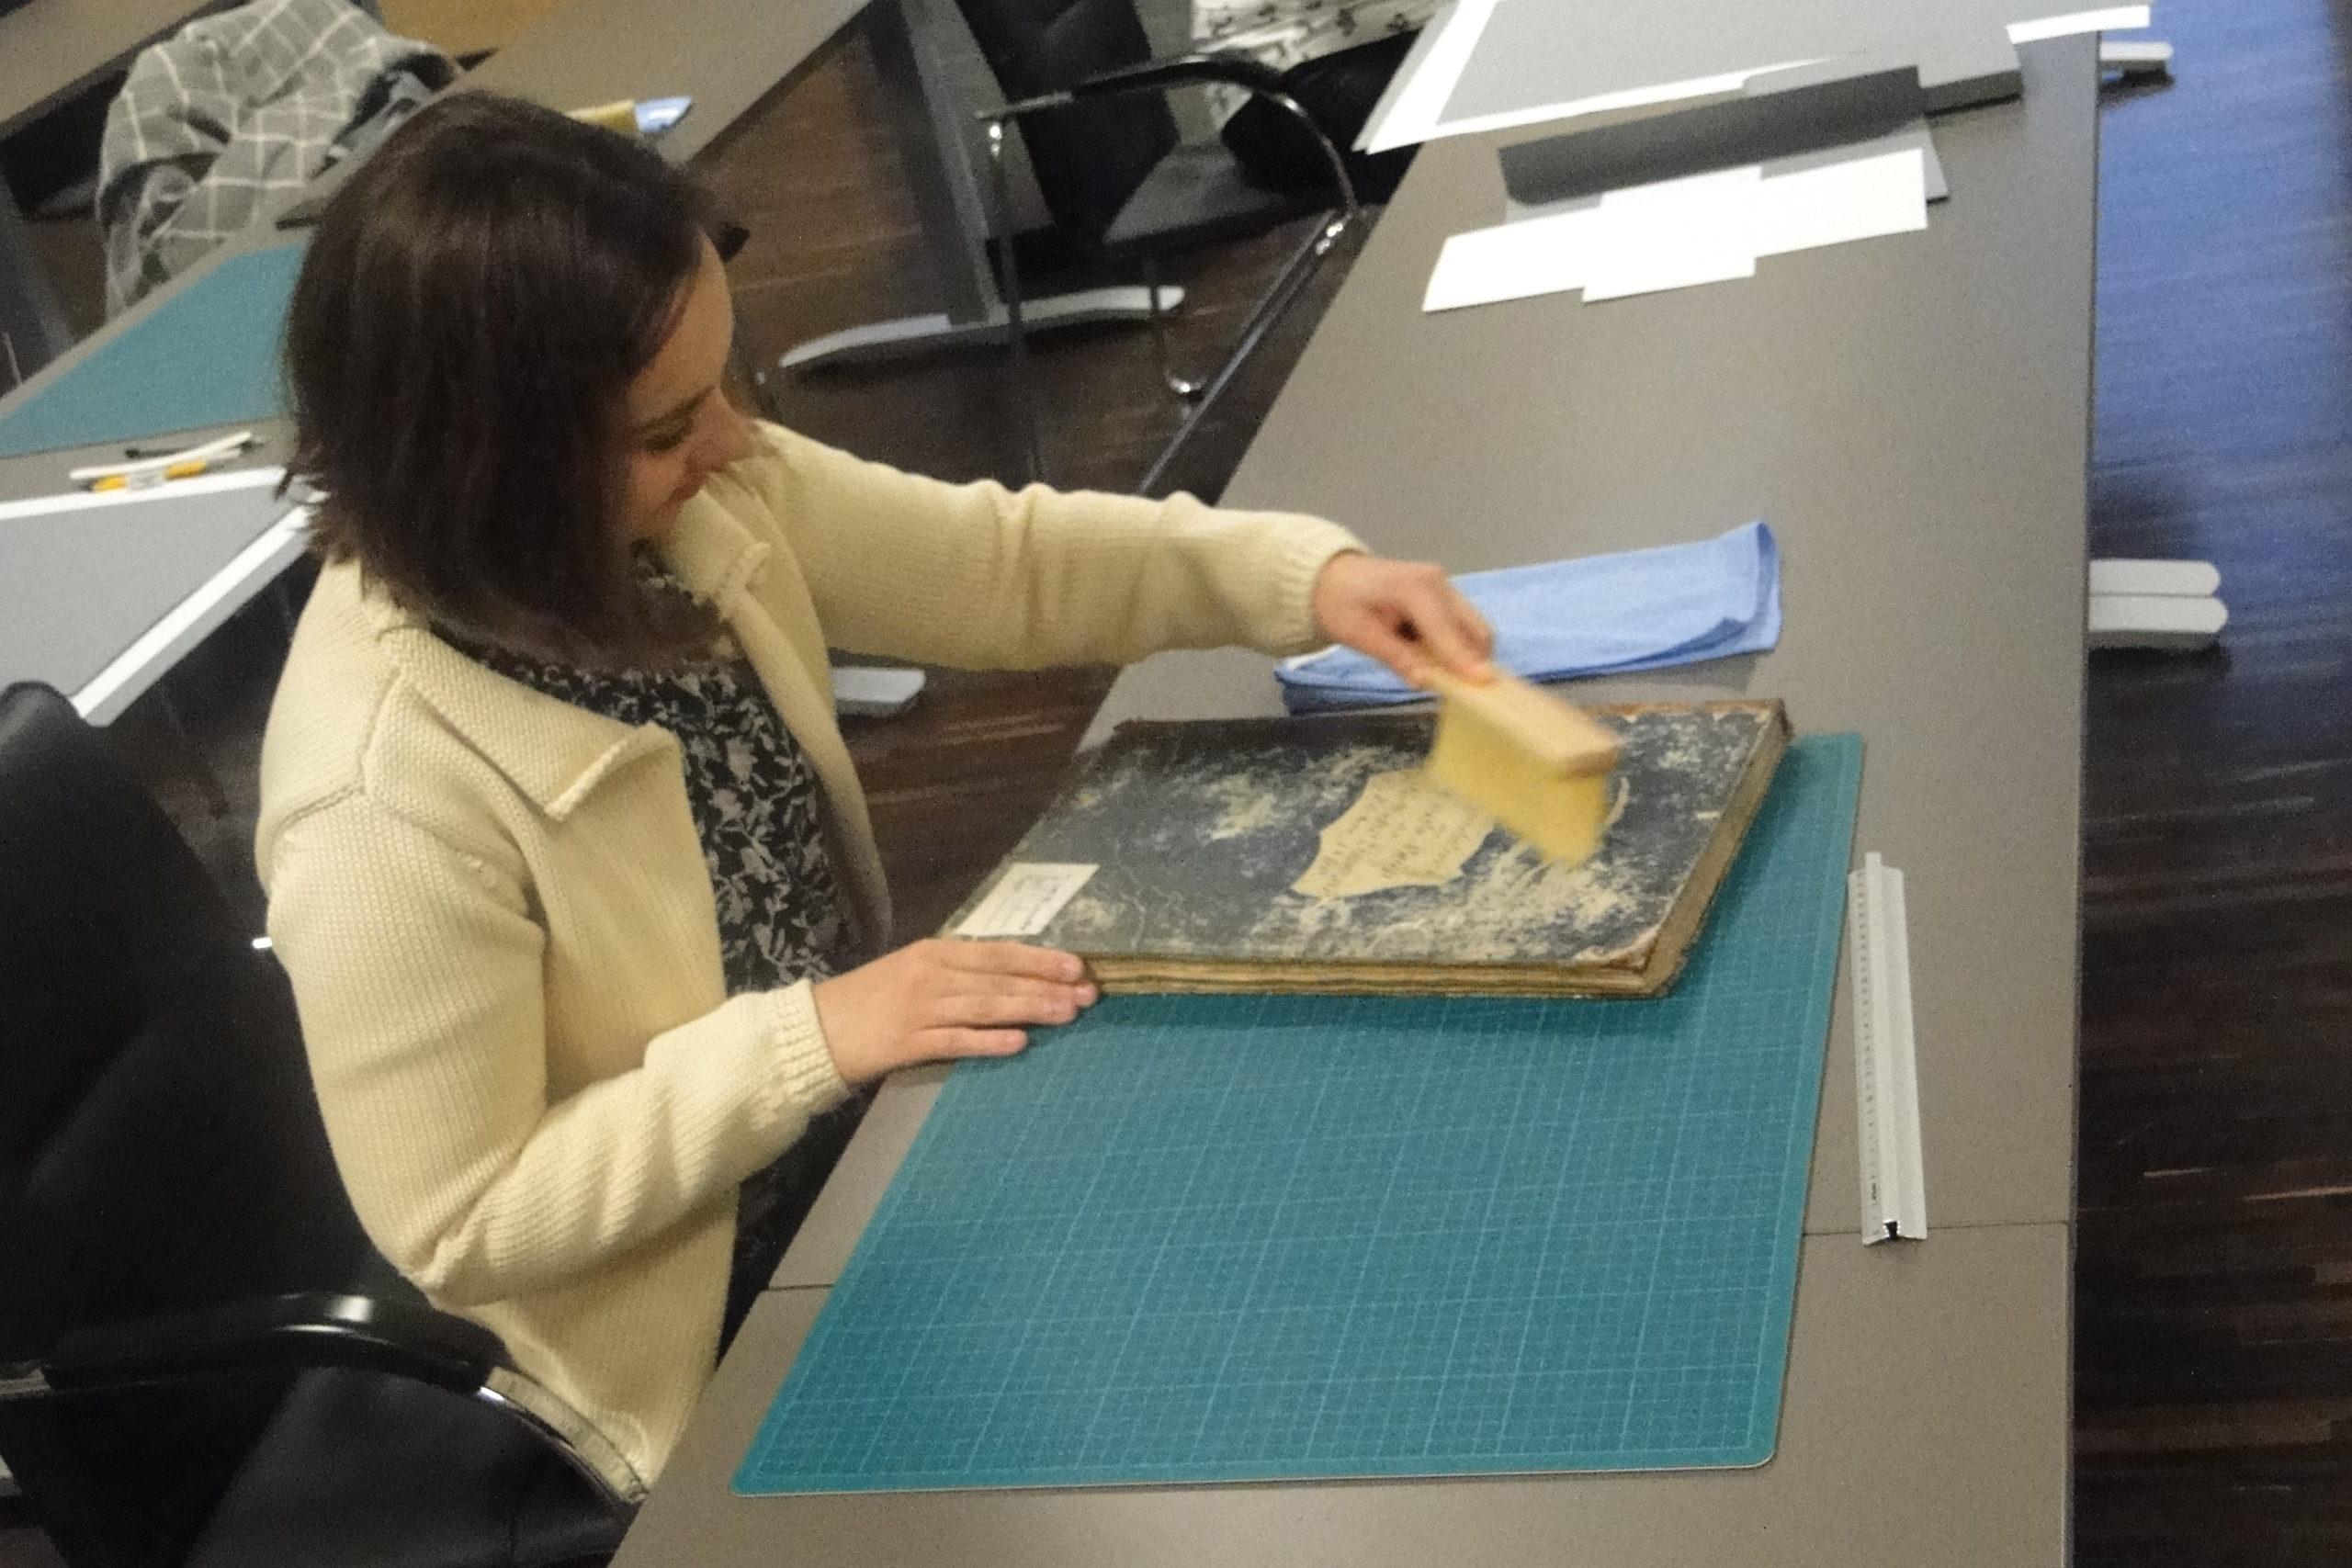 Kobieta odnawiająca stare akta siedzacza przy stole